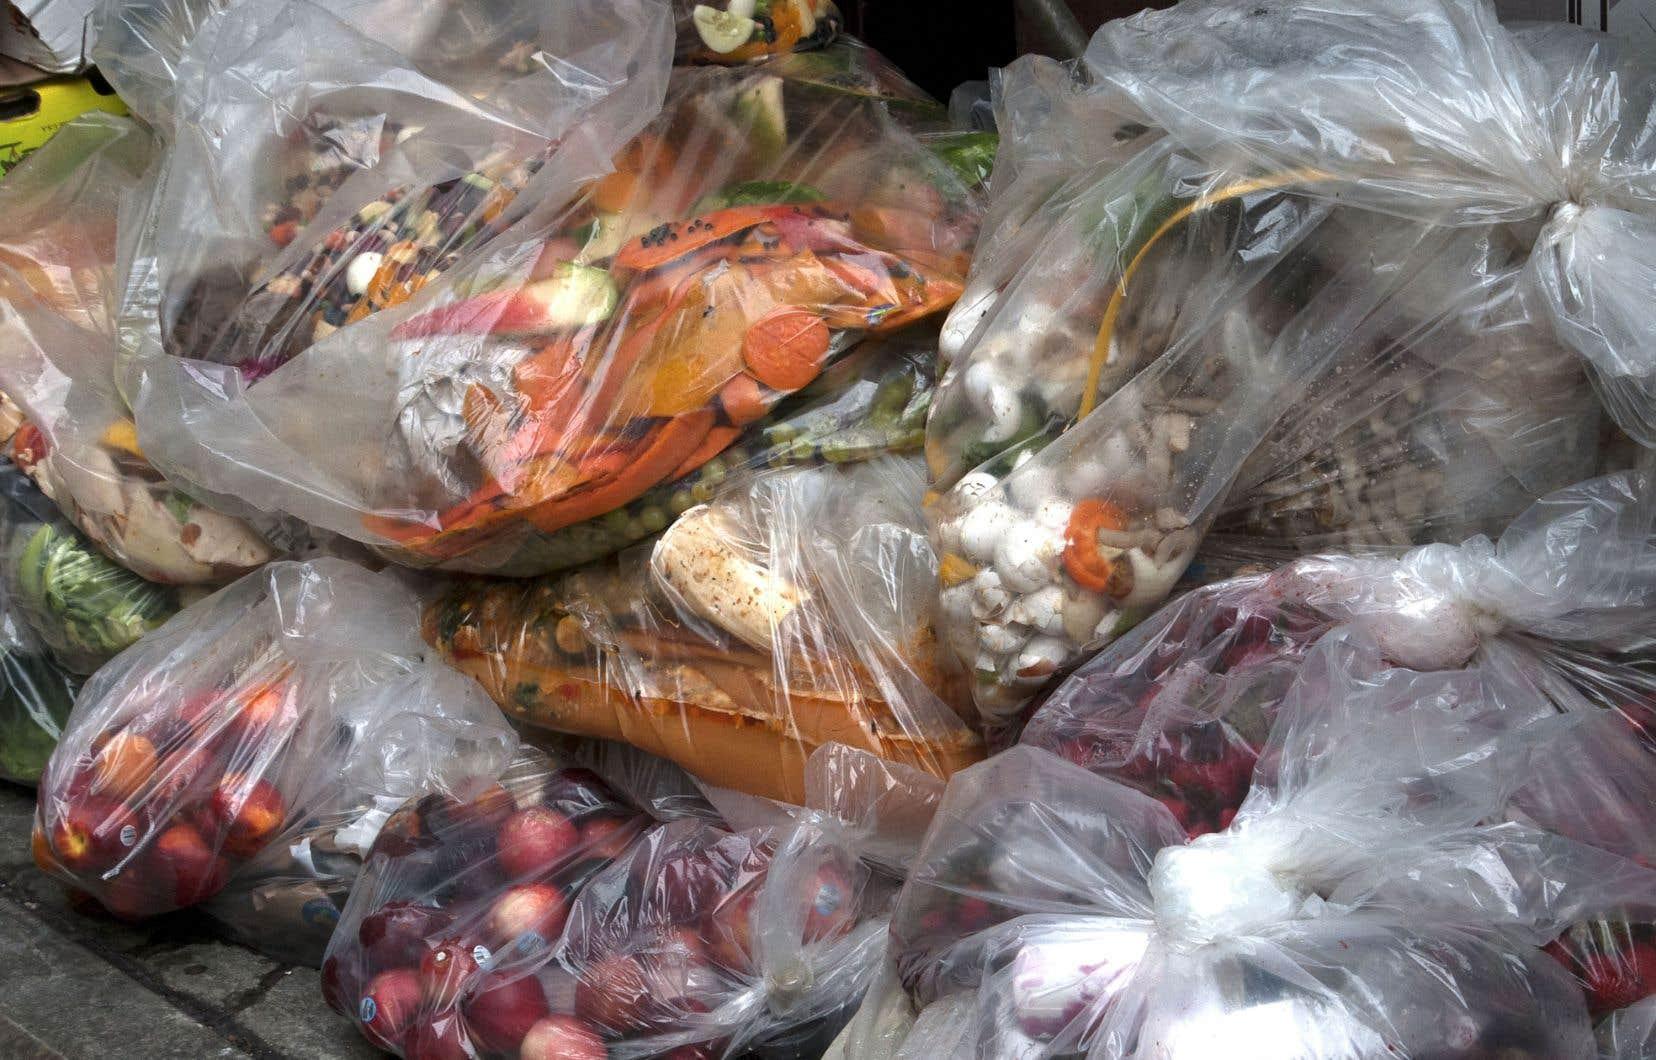 La recherche, largement financée par la Fondation Walmart, serait la première à mesurer les déchets alimentaires à l'aide de données provenant de l'industrie et d'autres sources, plutôt que des estimations.